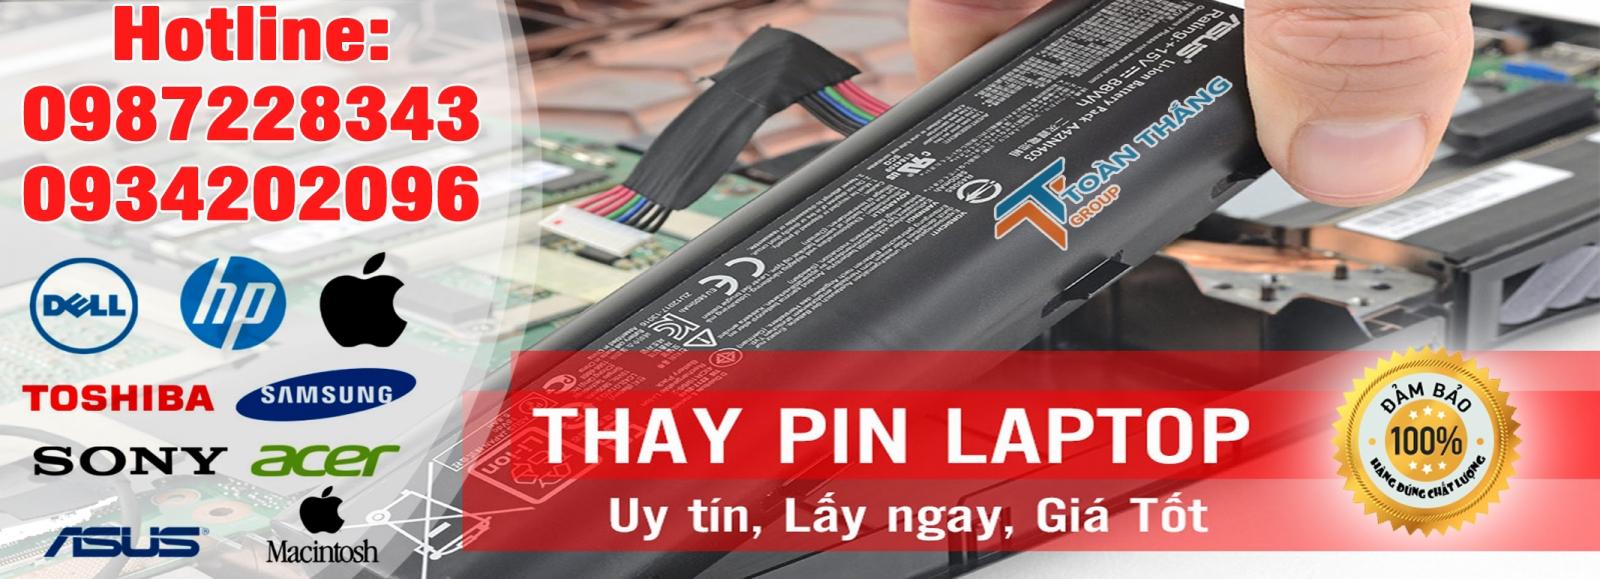 Công Ty Dịch Vụ Thay Pin Laptop Tận Nơi Quận Bình Tân Uy Tín Chính Hãng